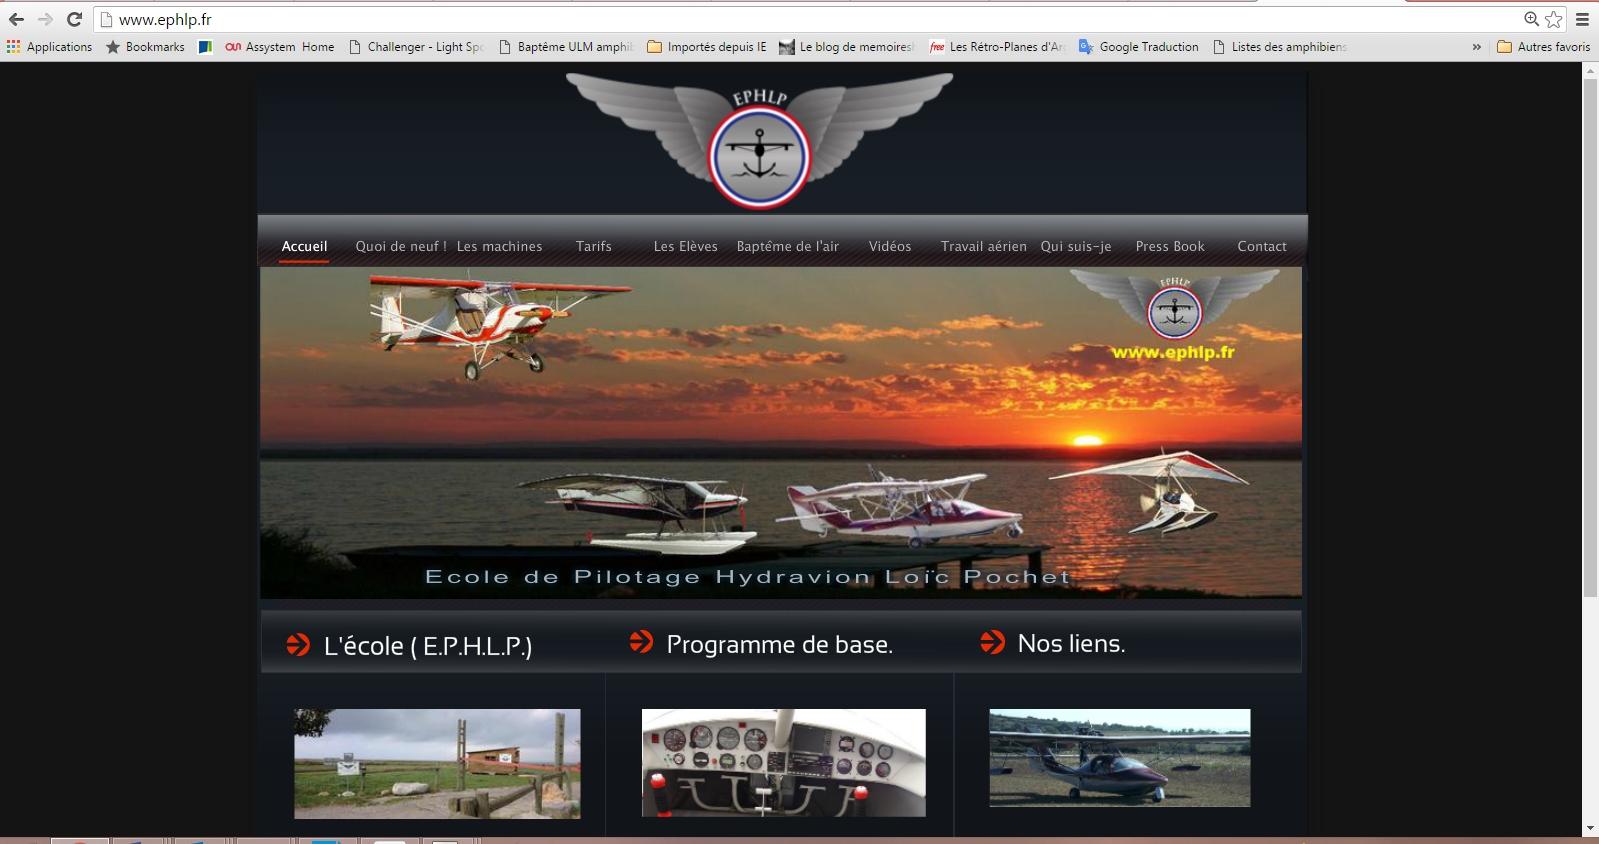 page de presentation ecole de pilotage EPHLP